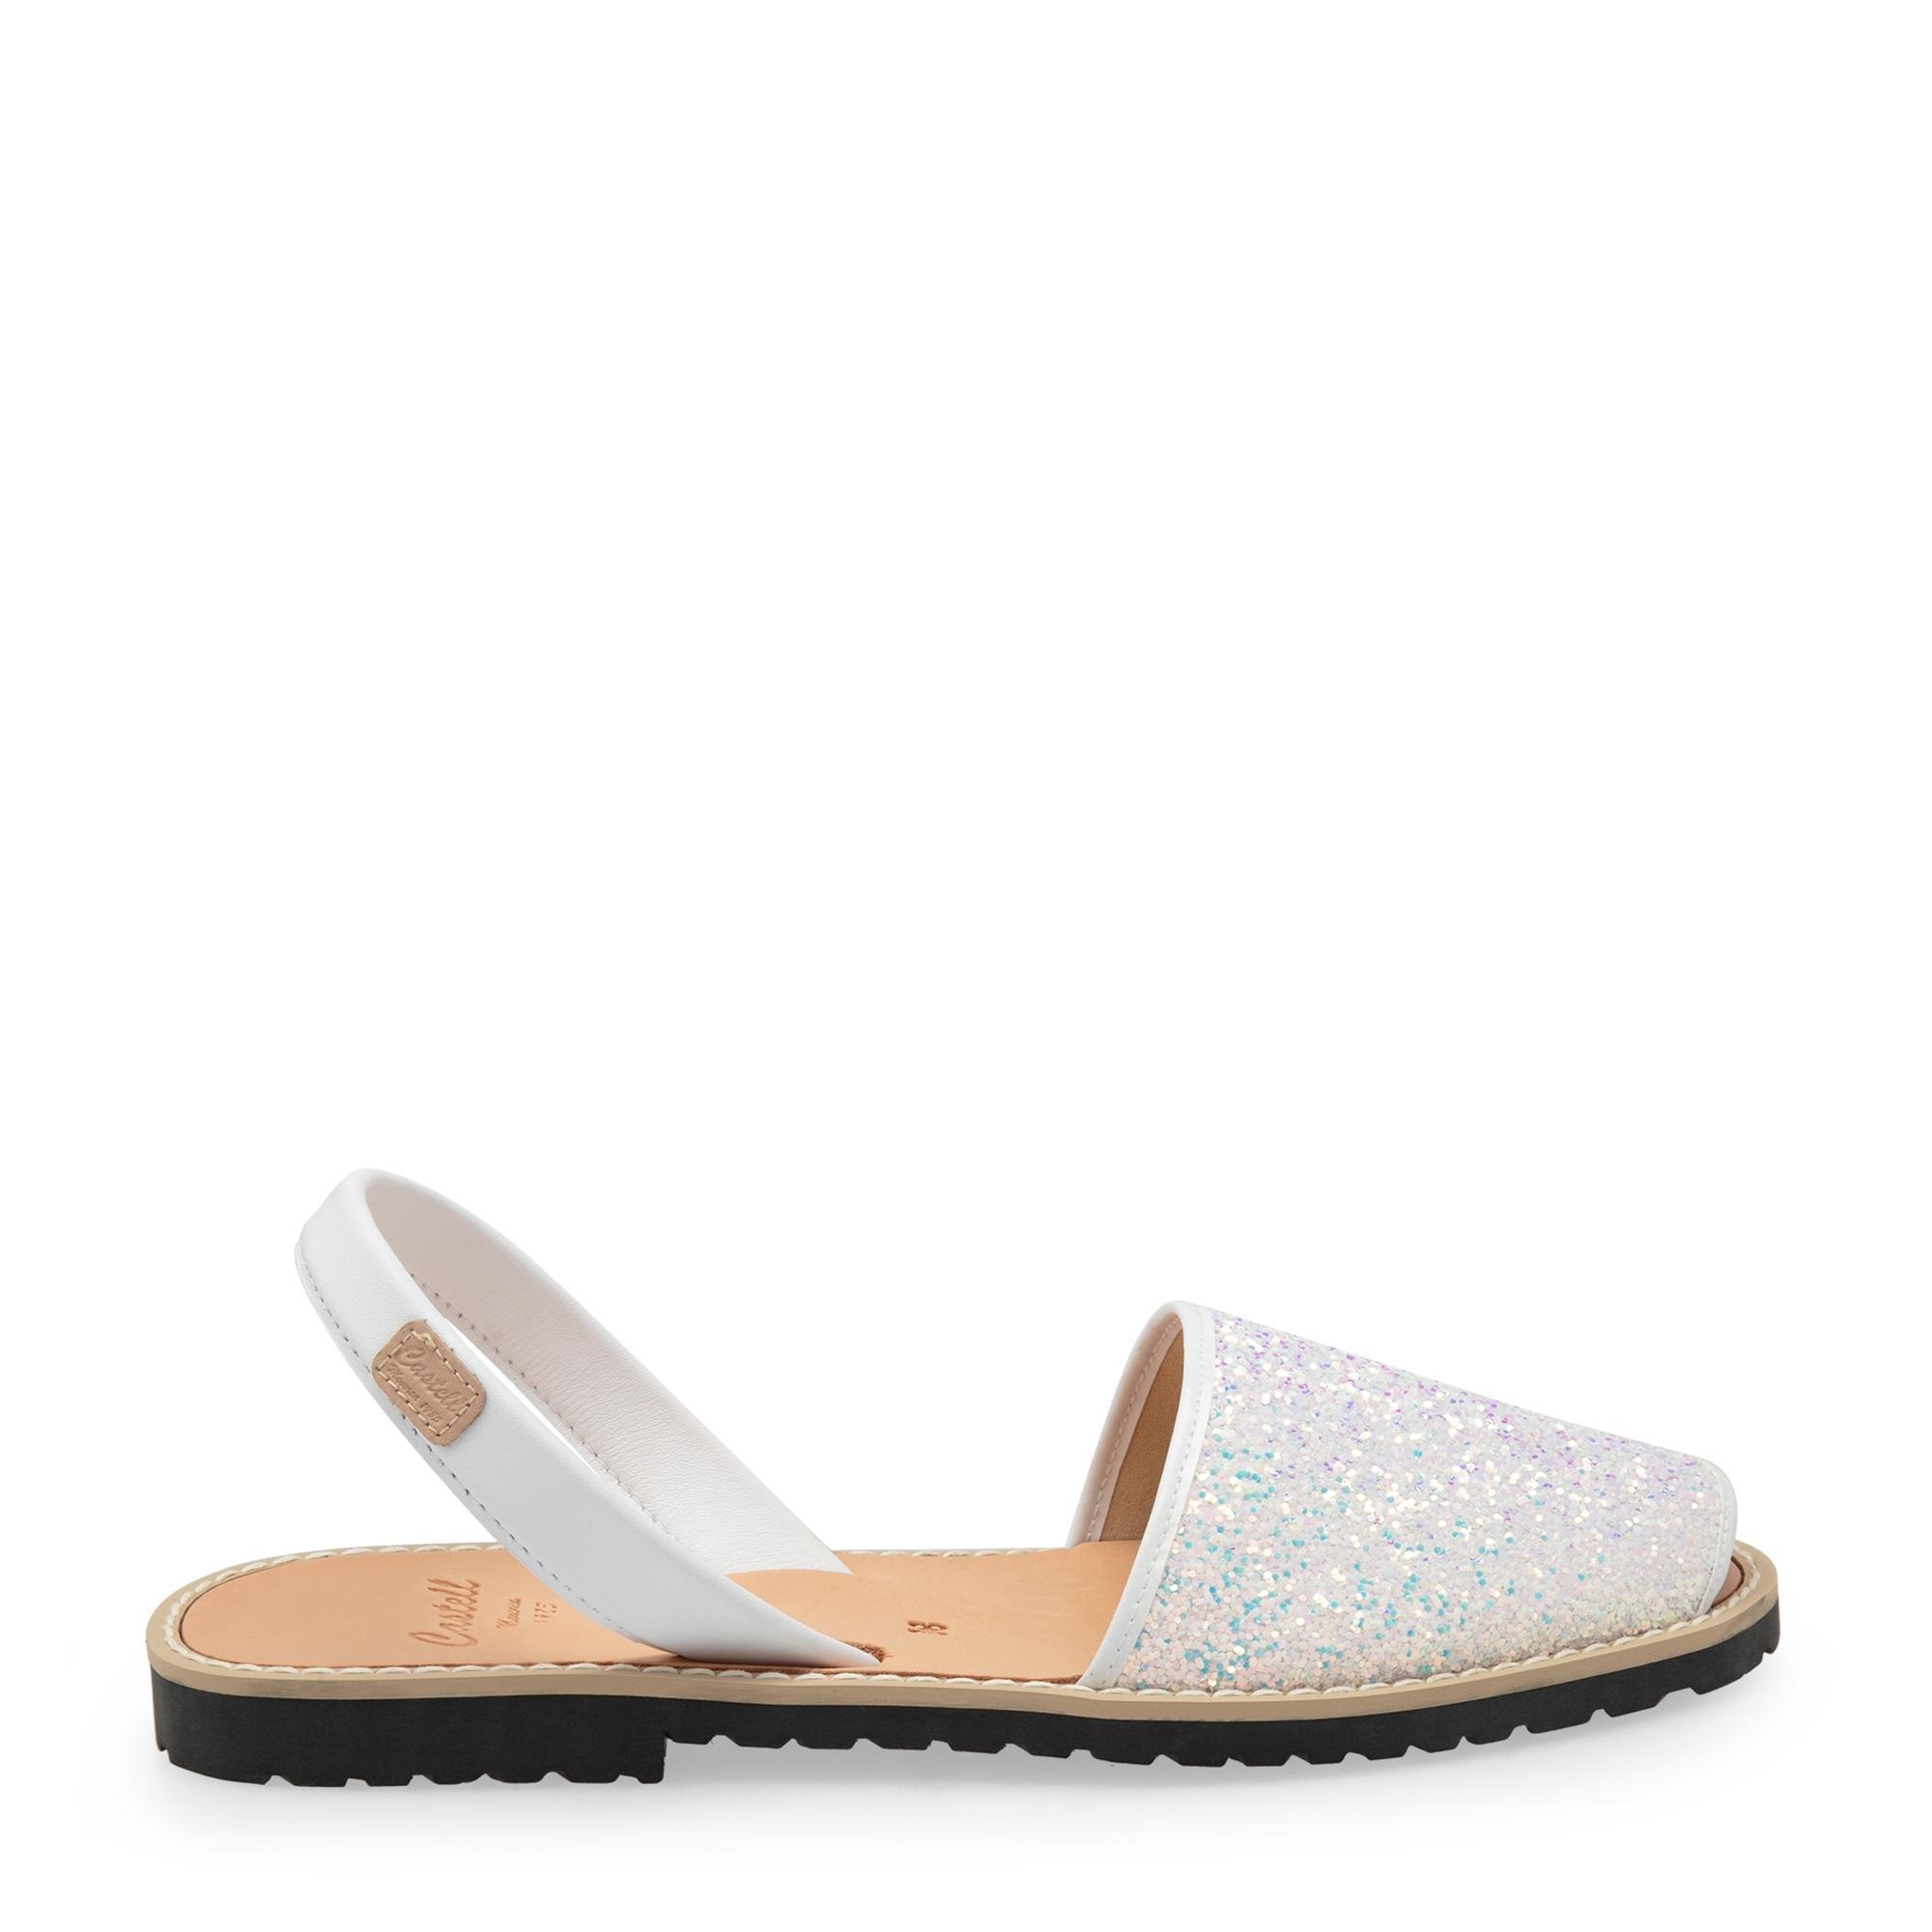 Madonna sandals